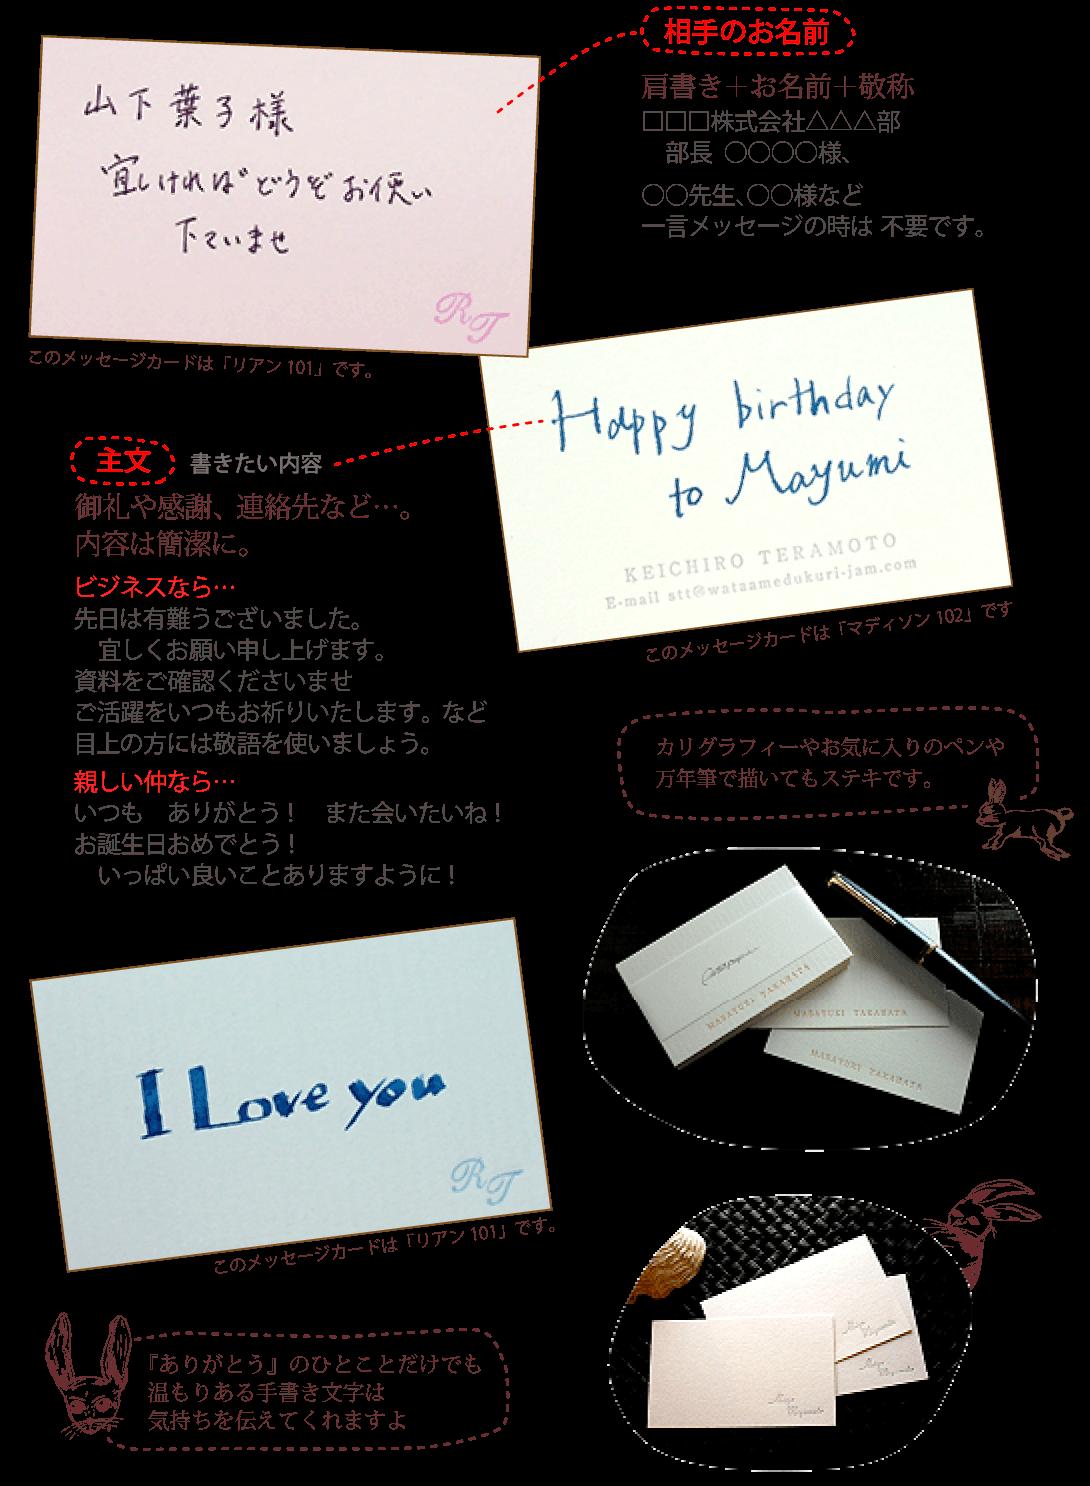 kakikata_card